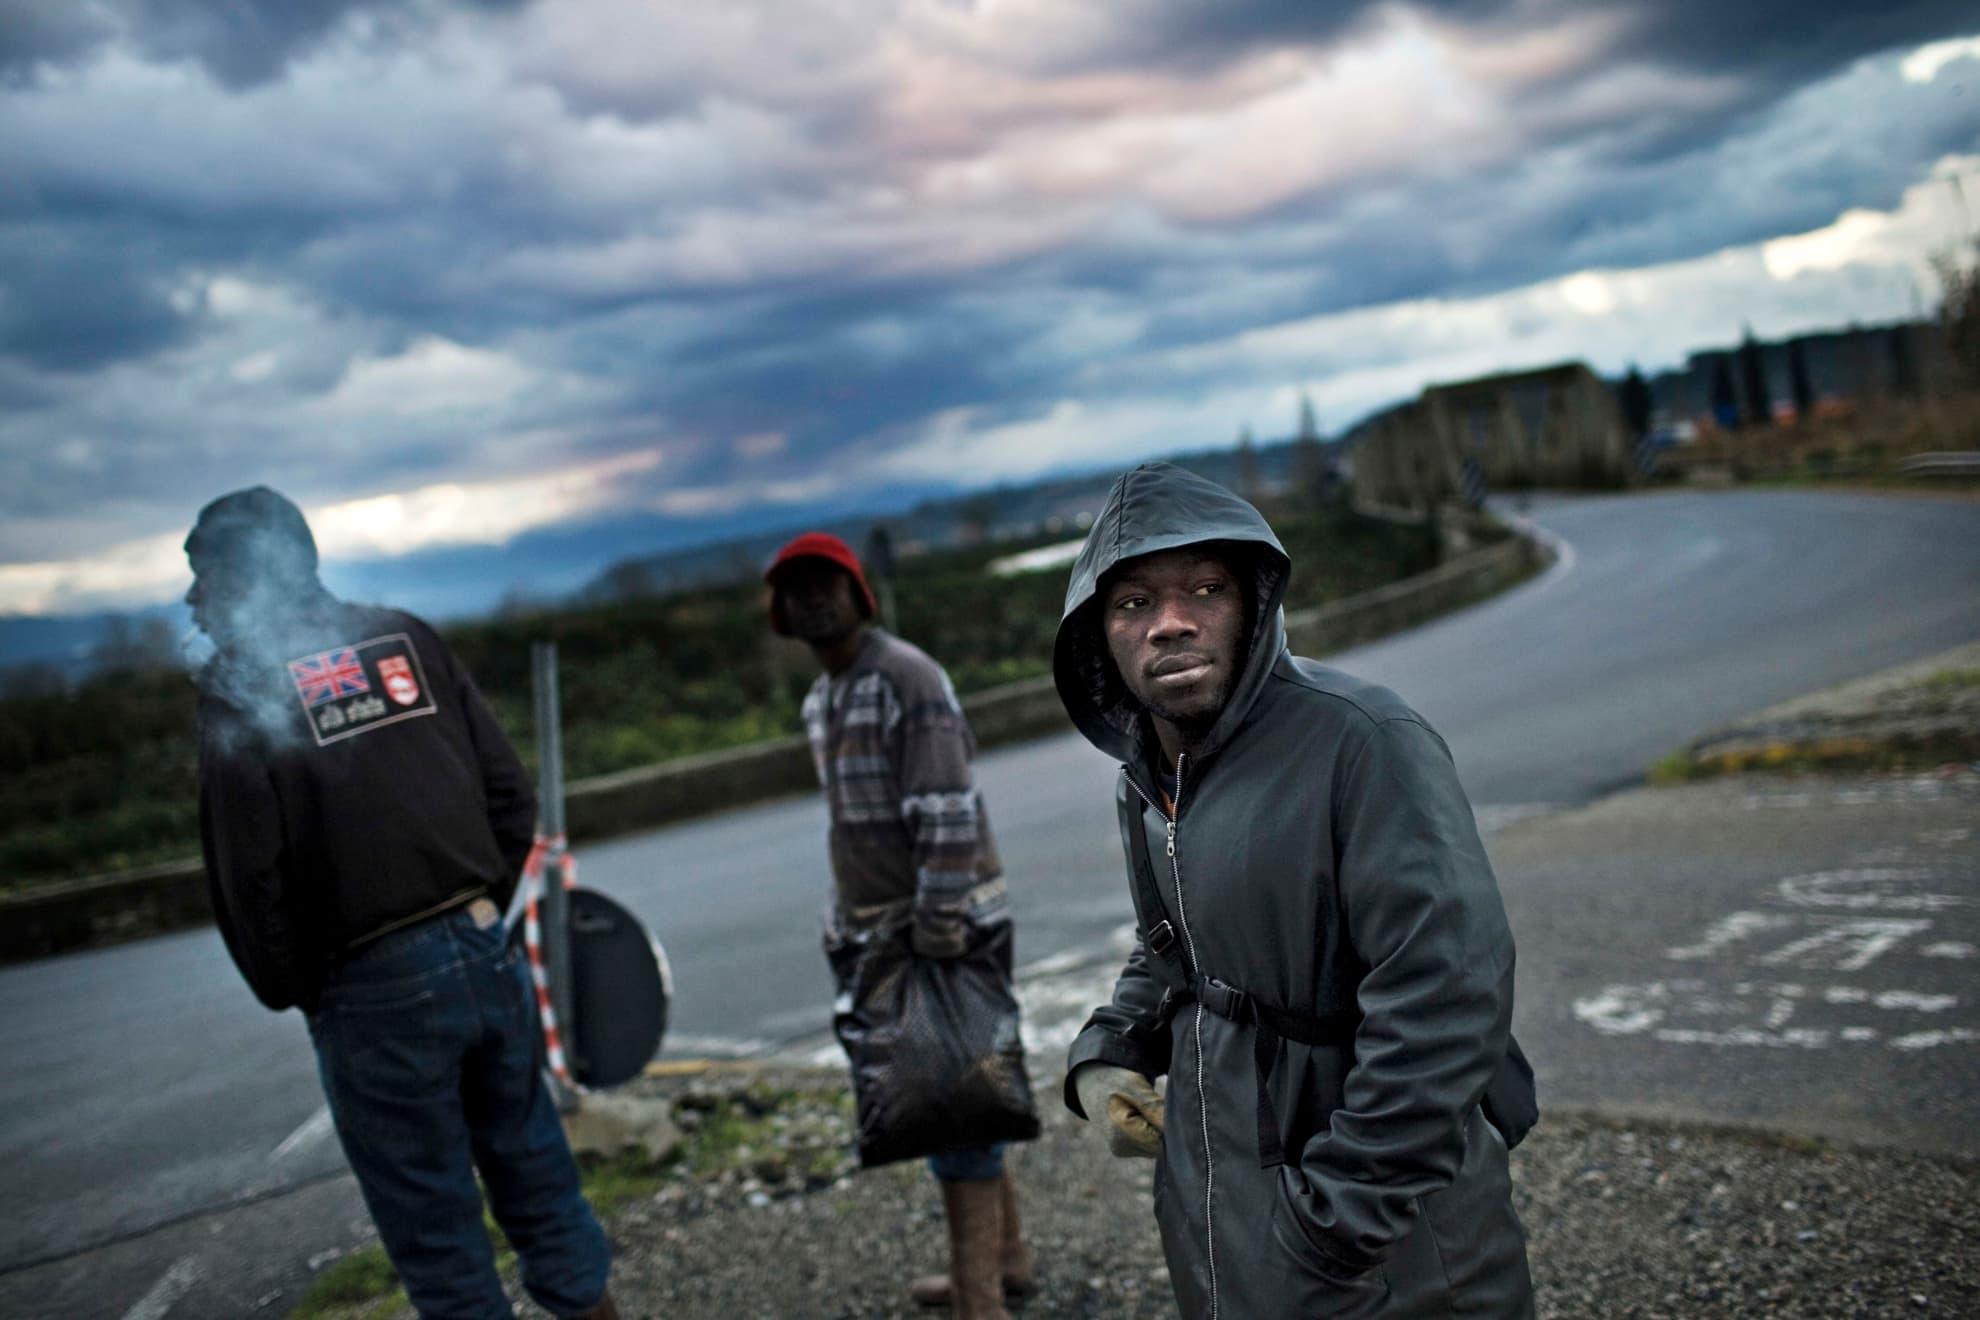 Más de la mitad de los refugiados son hombres. ¿Los motivos de su huida son diferentes?